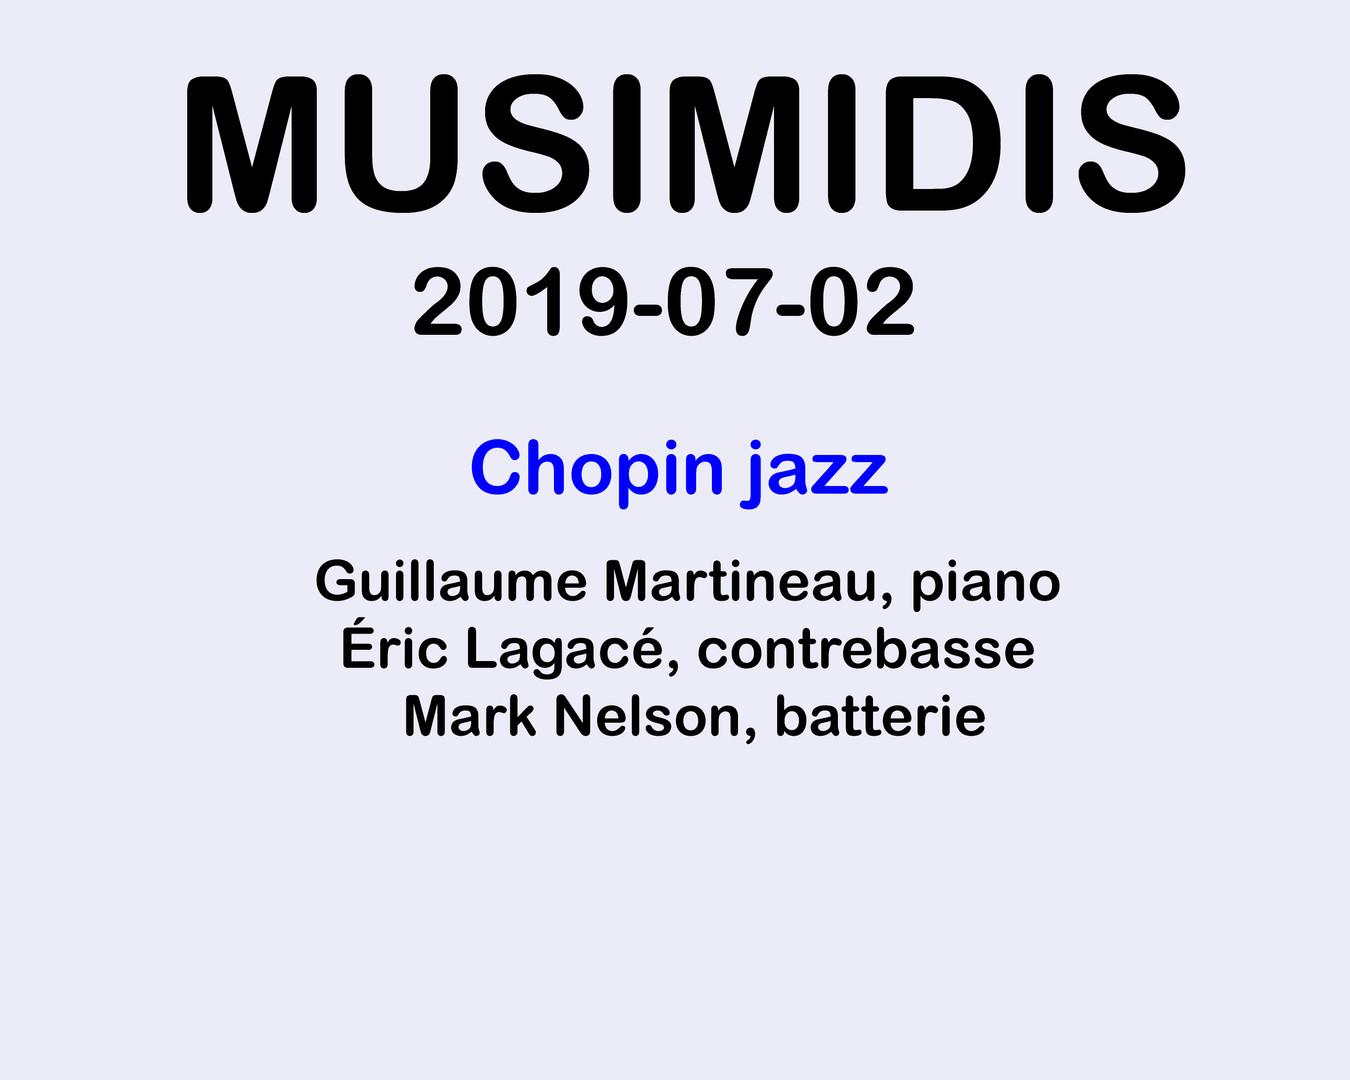 MUSIMIDIS 2019-07-02